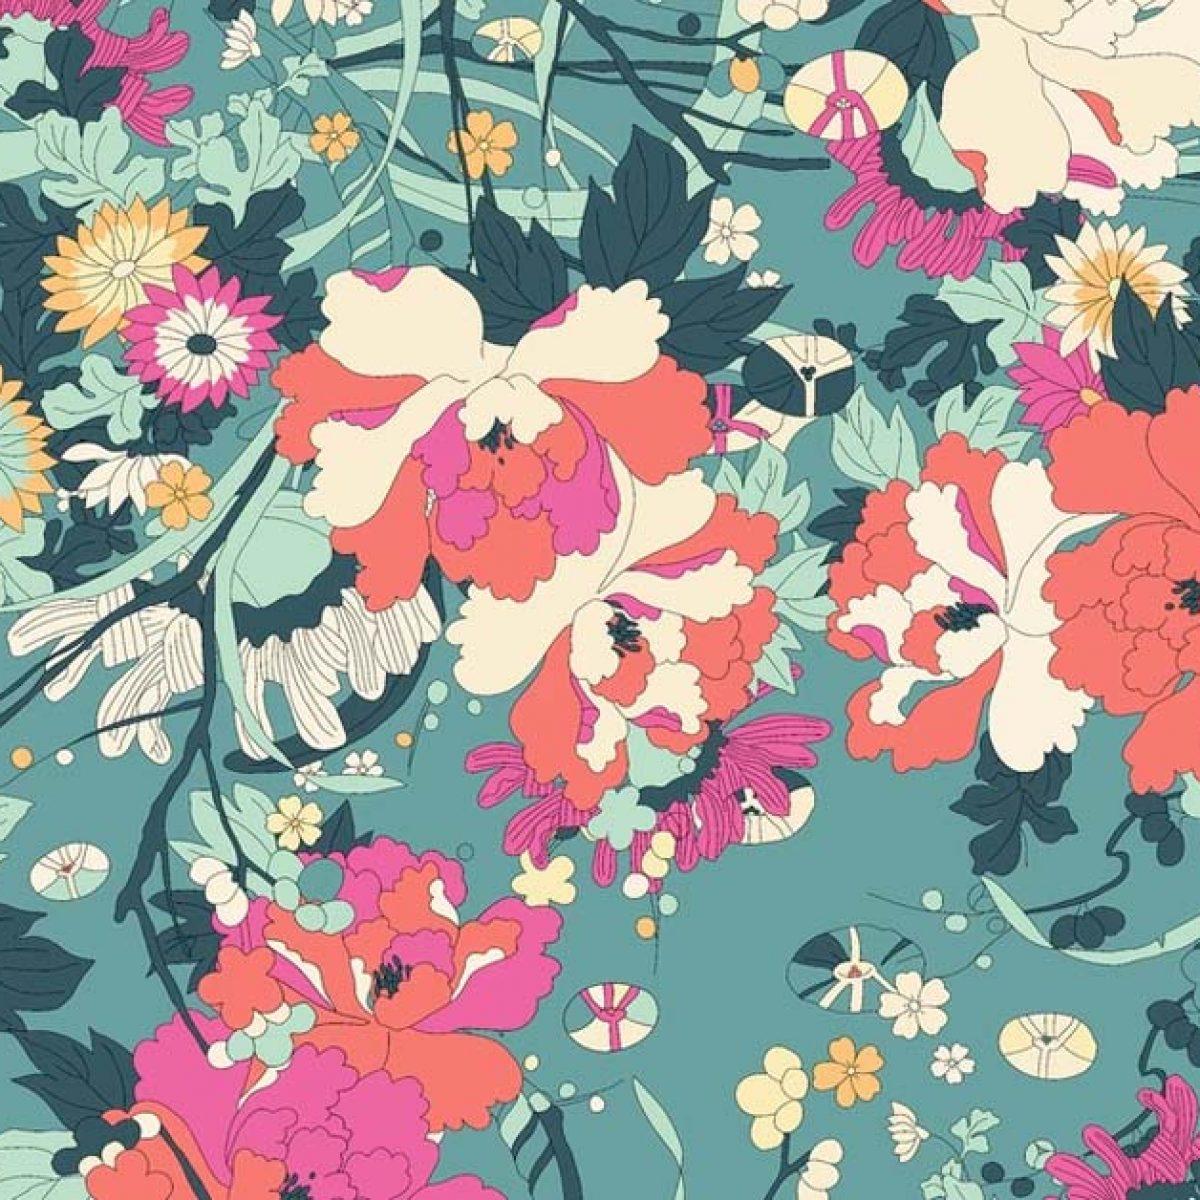 Wszystko czego ci trzeba to Flower Power kwiaty i raz jeszcze kwiaty!